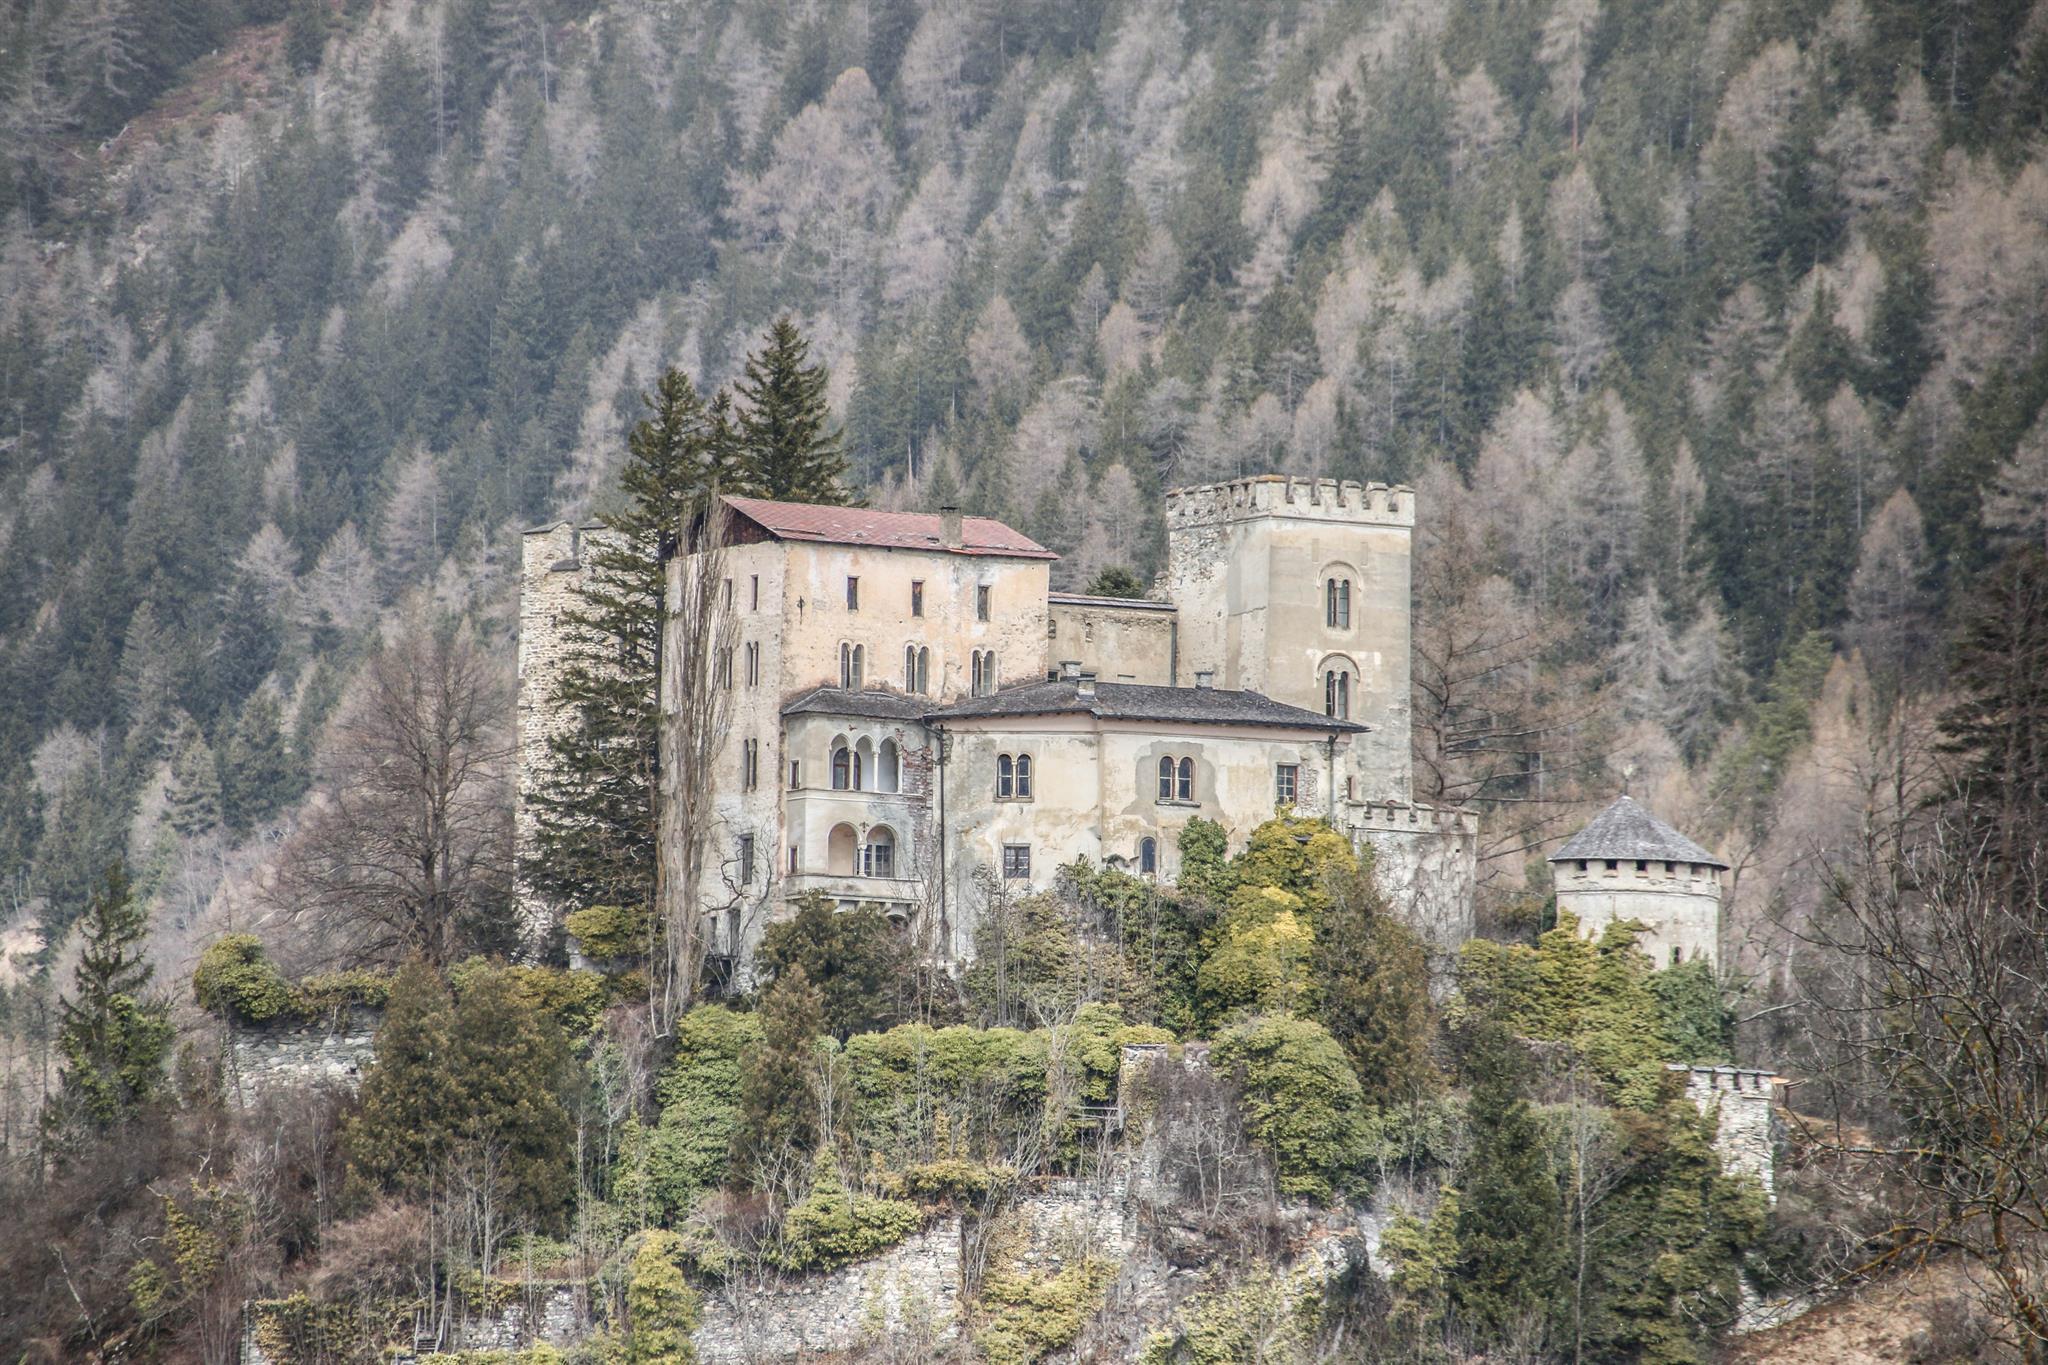 Schloss-Weissenstein3.jpg